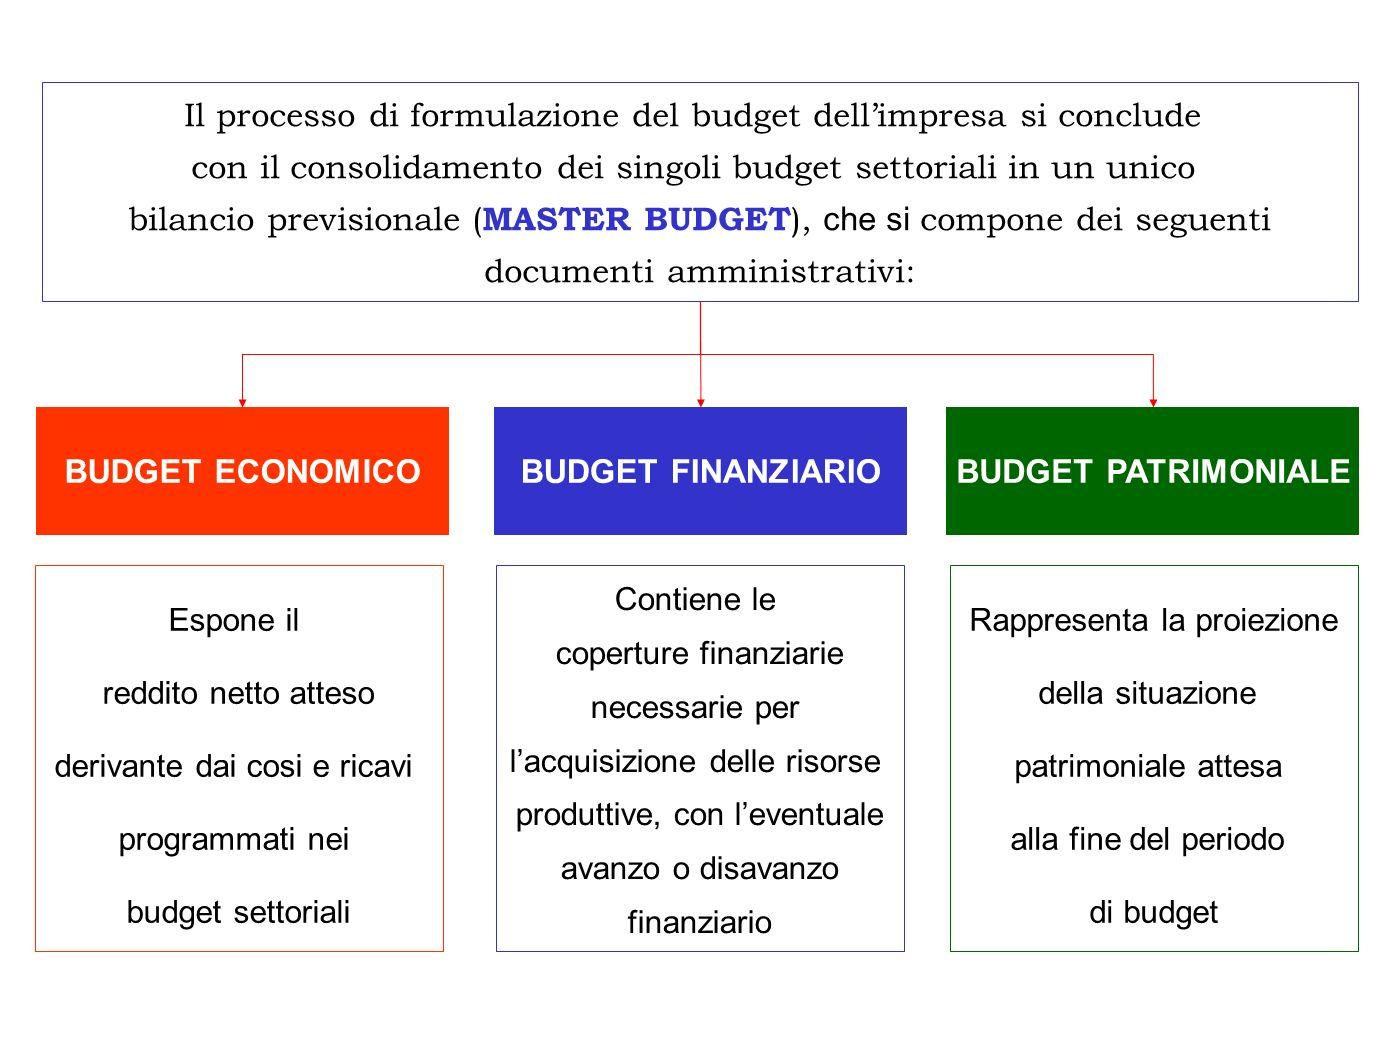 Il processo di formulazione del budget dellimpresa si conclude con il consolidamento dei singoli budget settoriali in un unico bilancio previsionale (